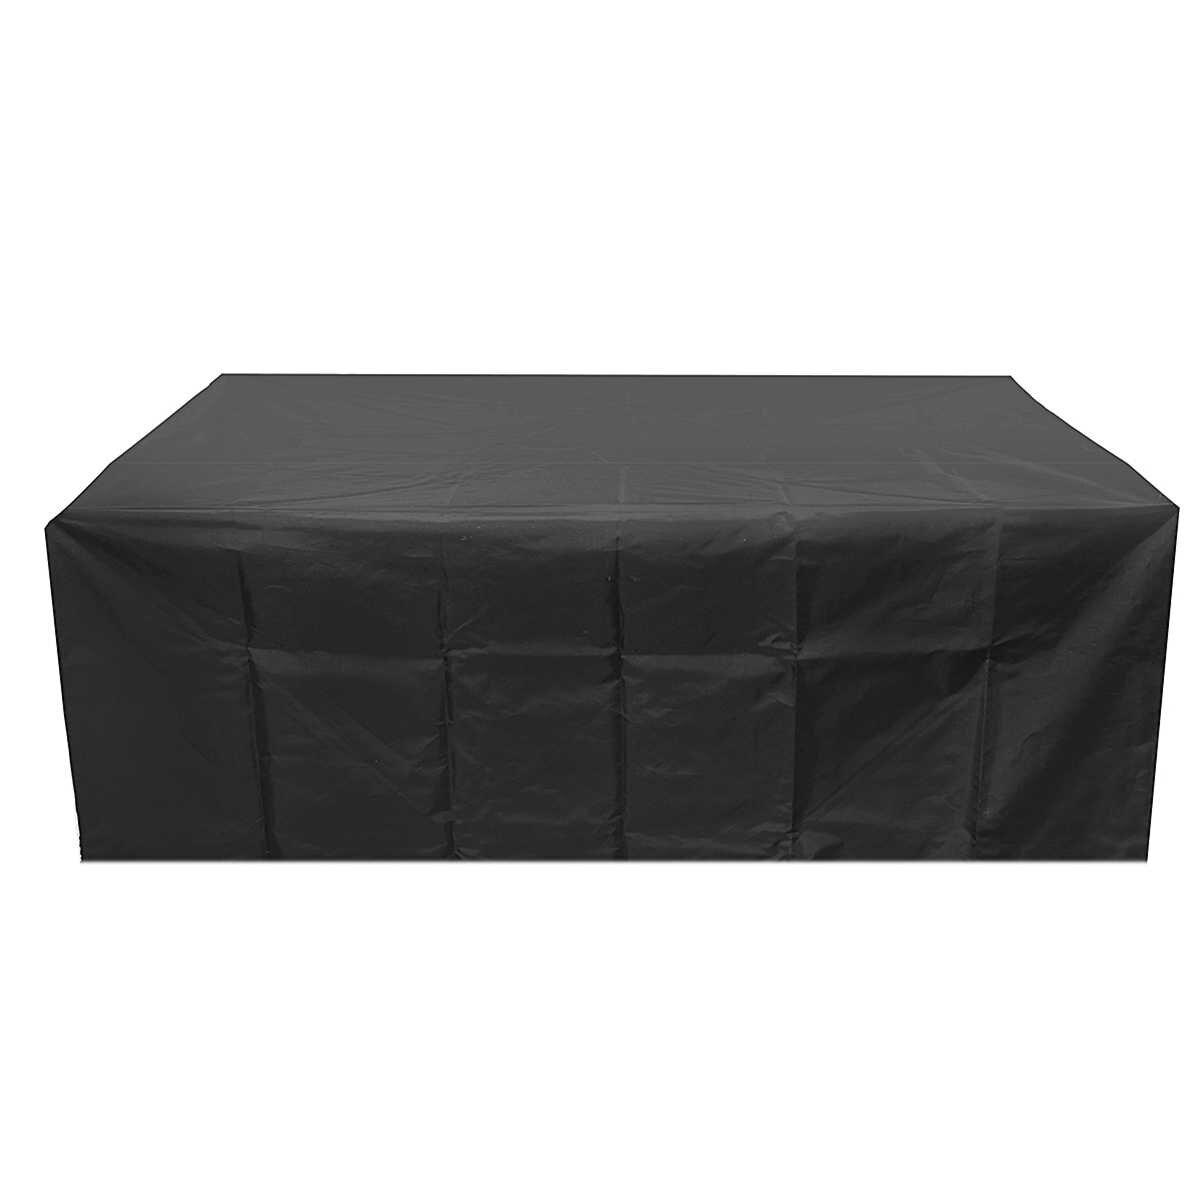 Водонепроницаемый Оксфорд сад раттен мебели Чехол очень большой стол для открытого патио диван Дождь Снег защиты пыленепроницаемые покрытия